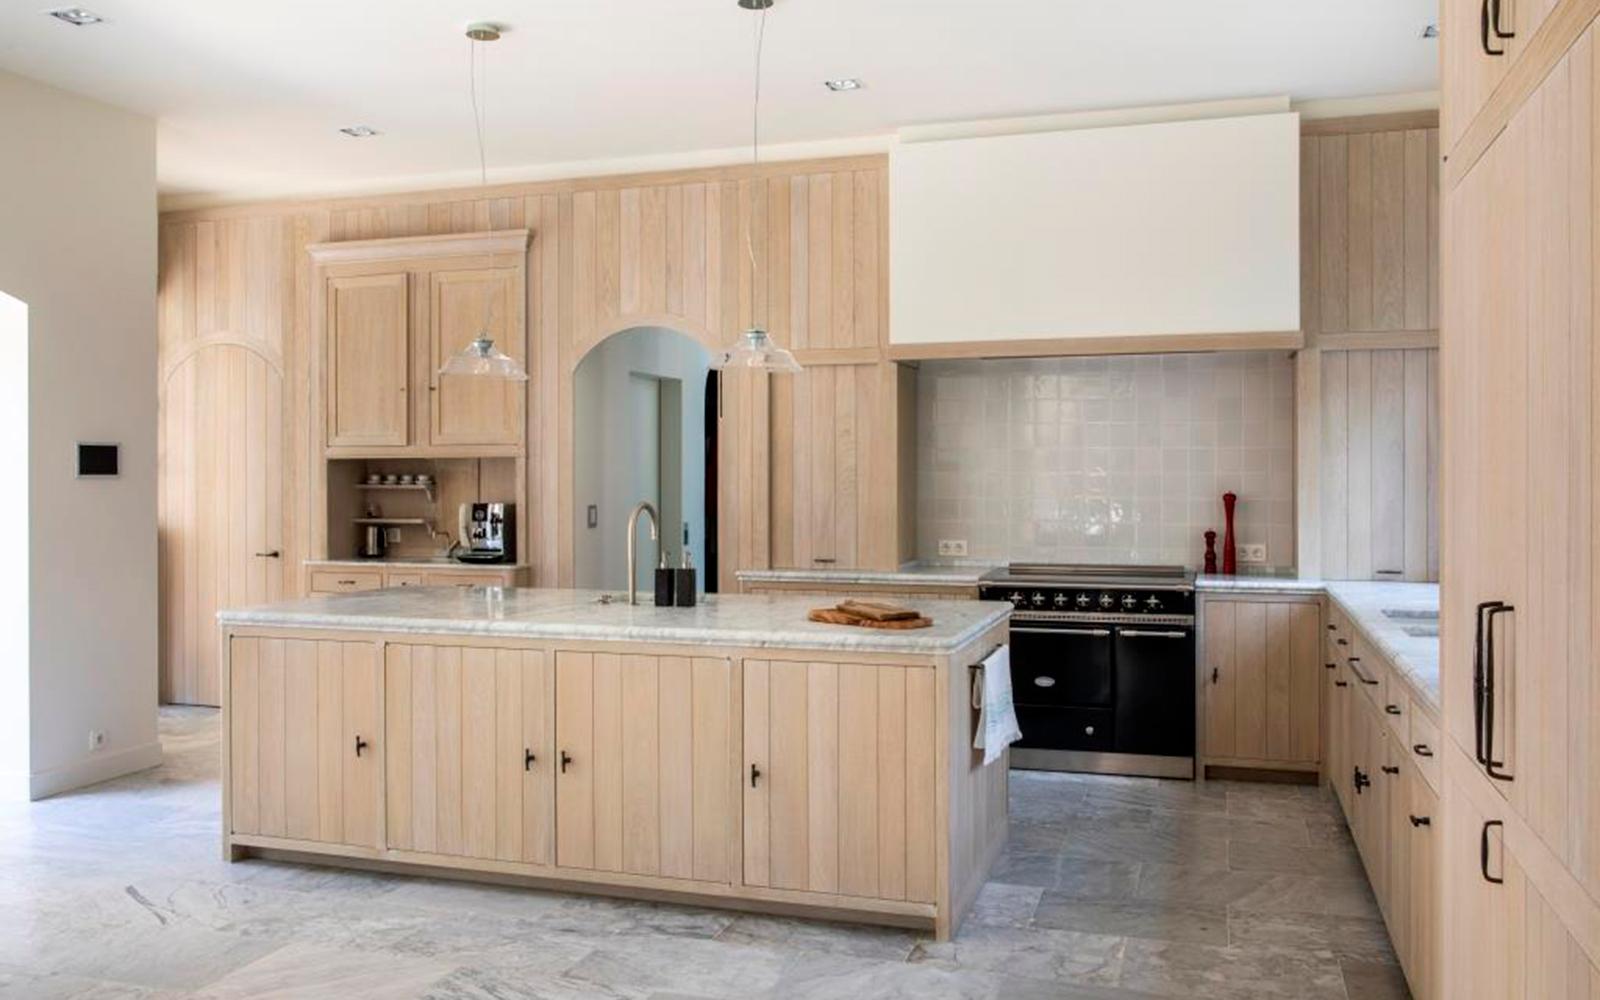 Nieuwbouw landhuis, Vlassak-Verhulst, villabouw, luxe, sfeer